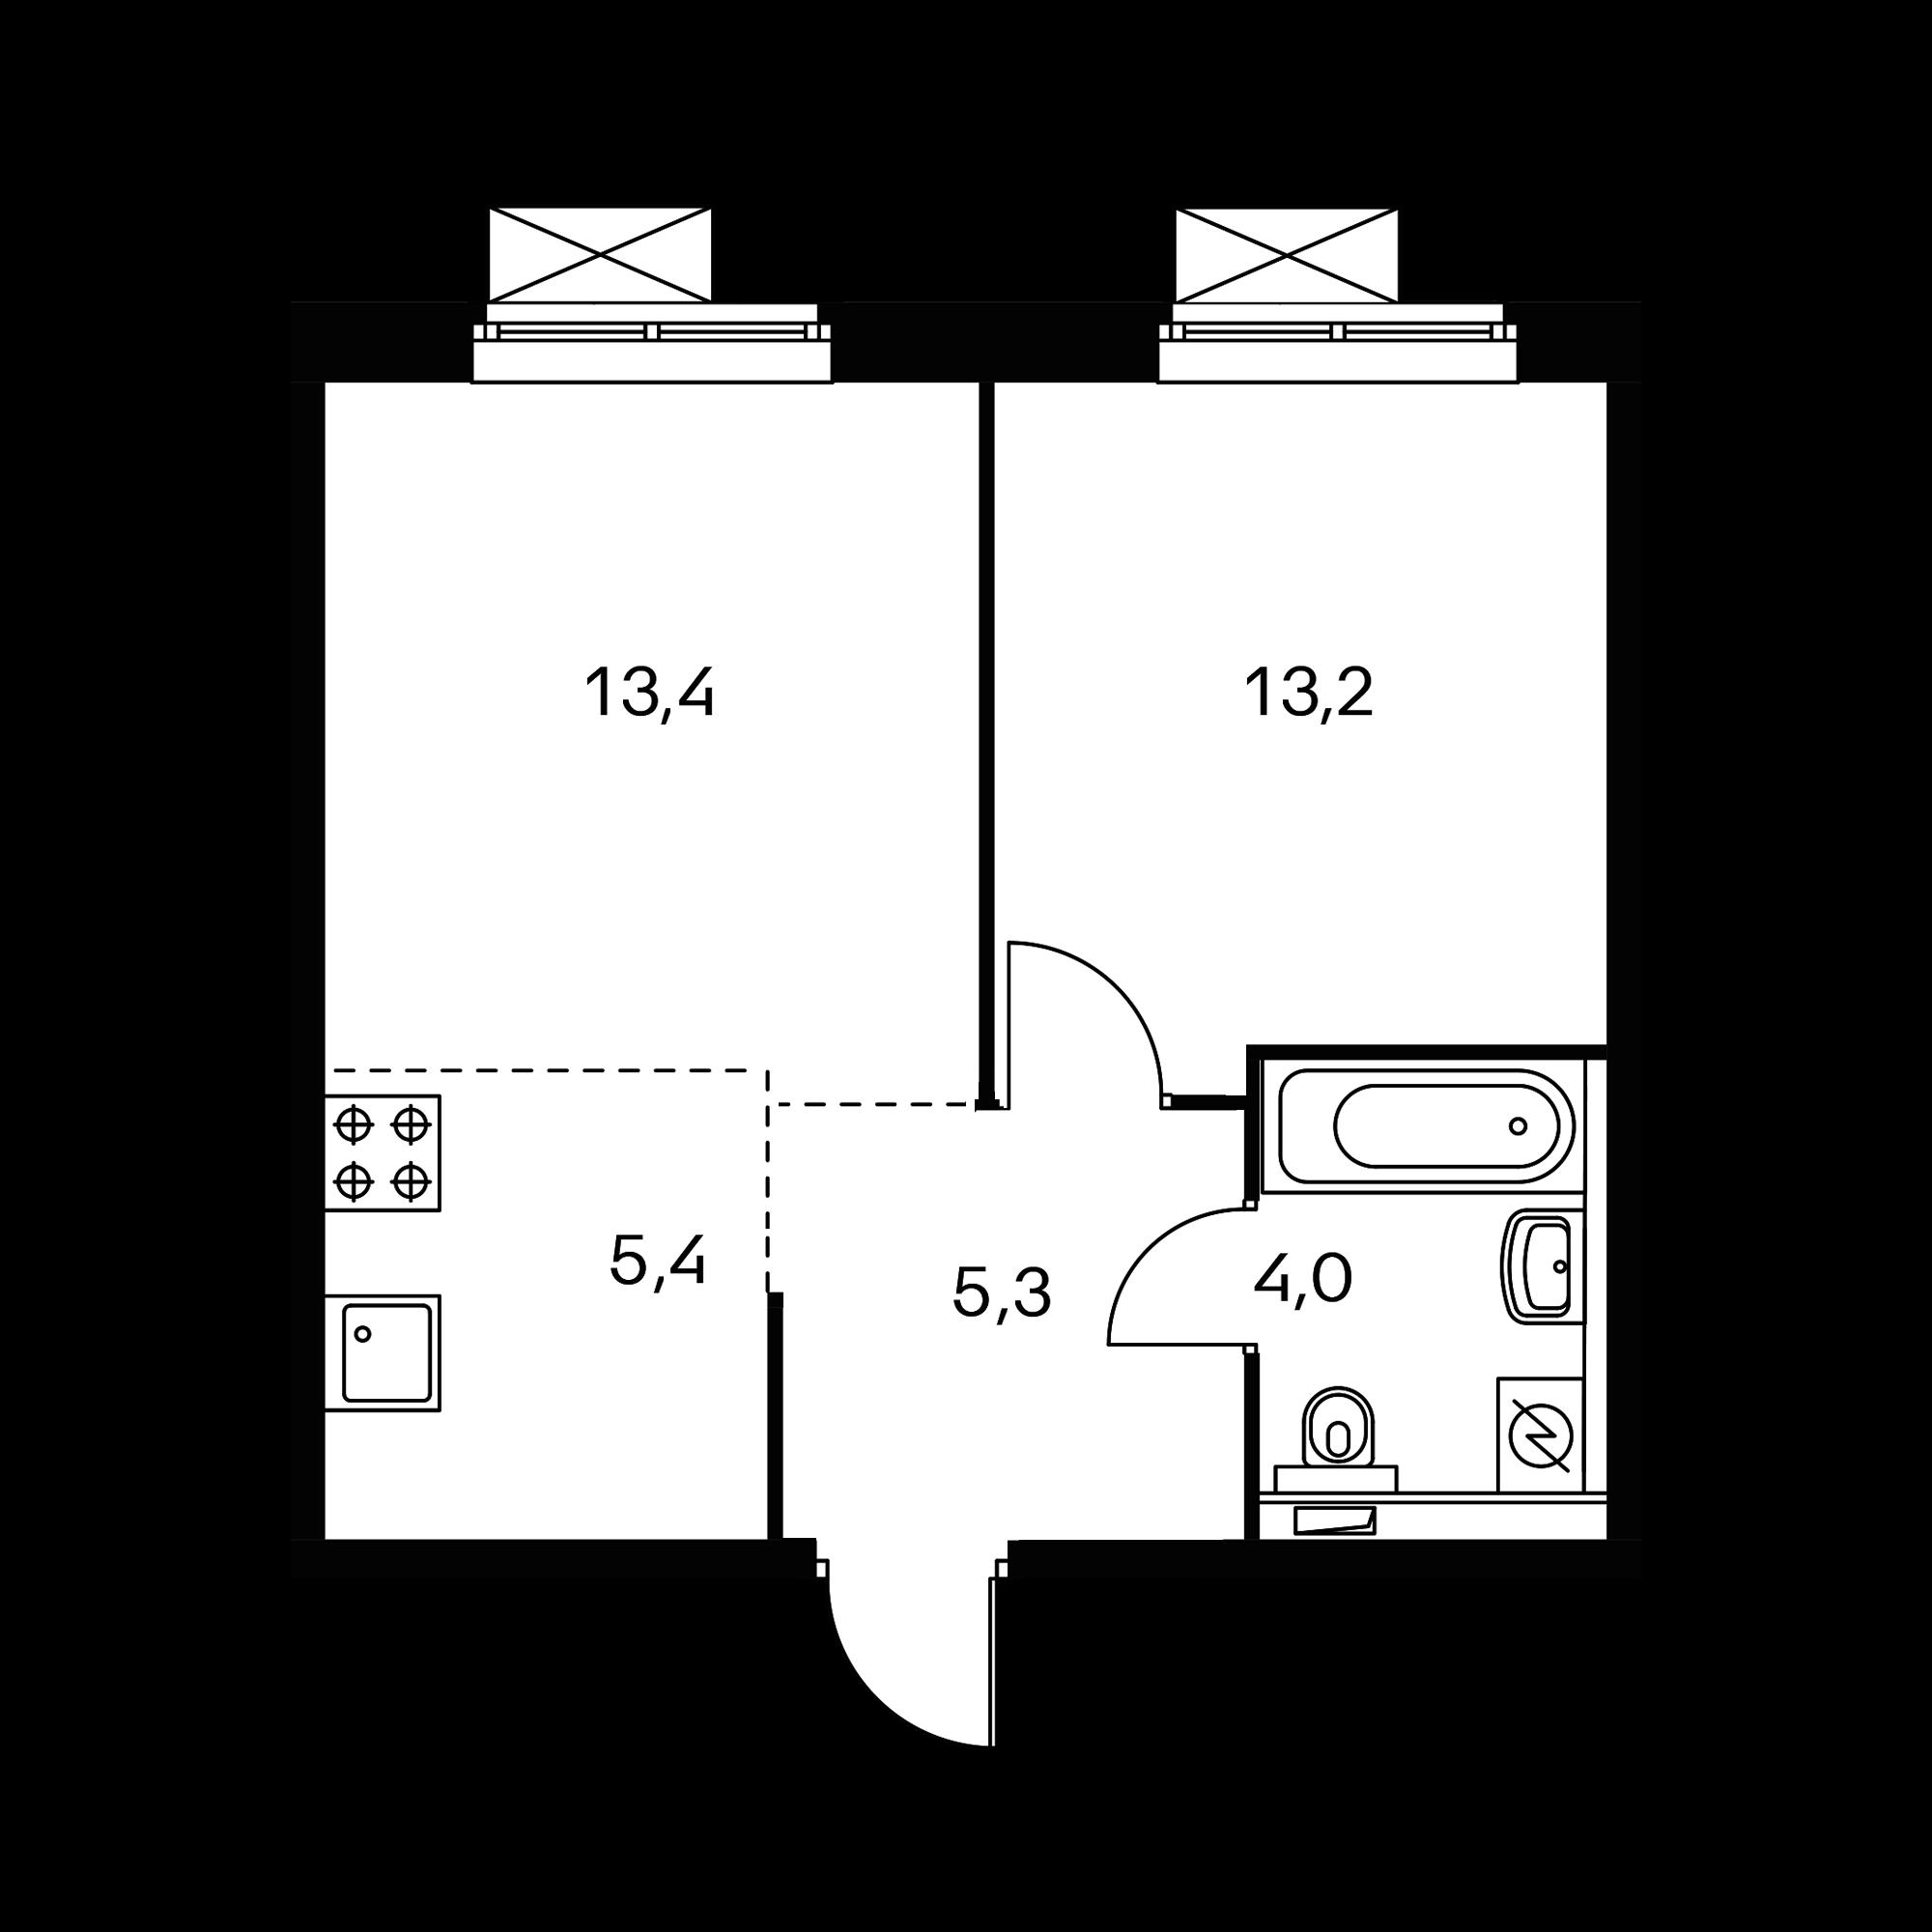 2NS4_7.2-1_S_A